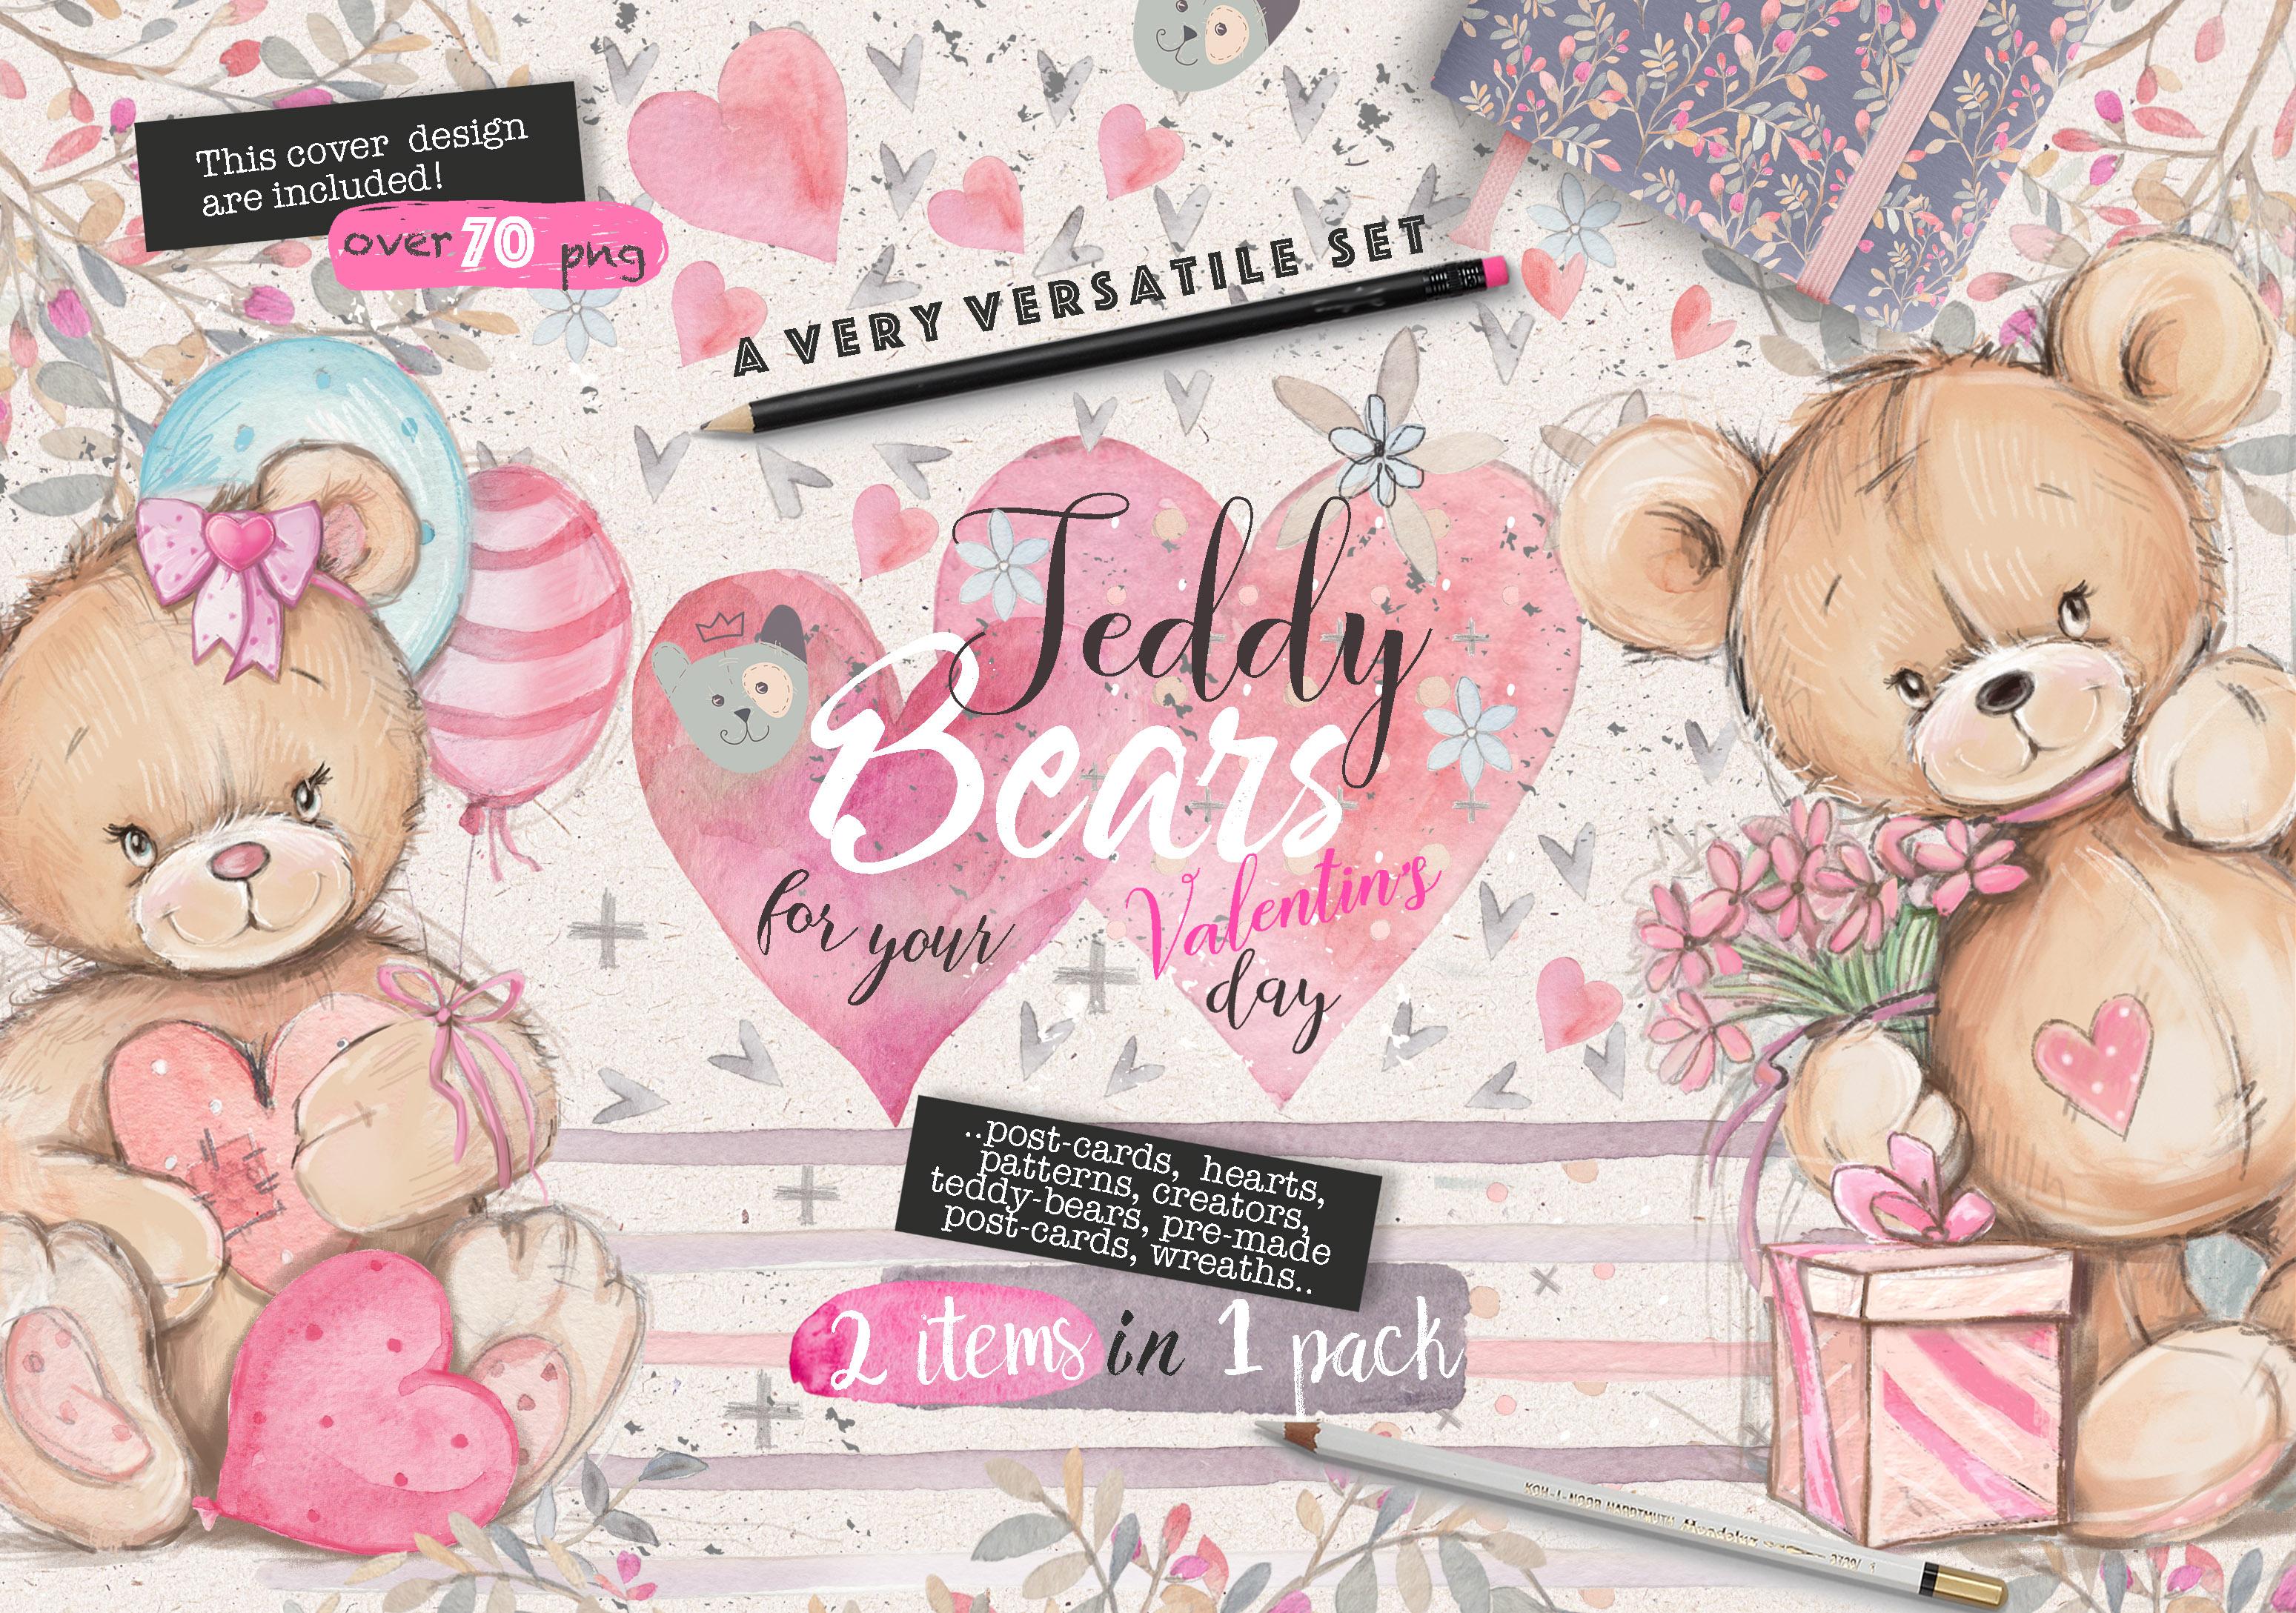 CUTE TEDDY BEARS 2 in 1packs example image 1